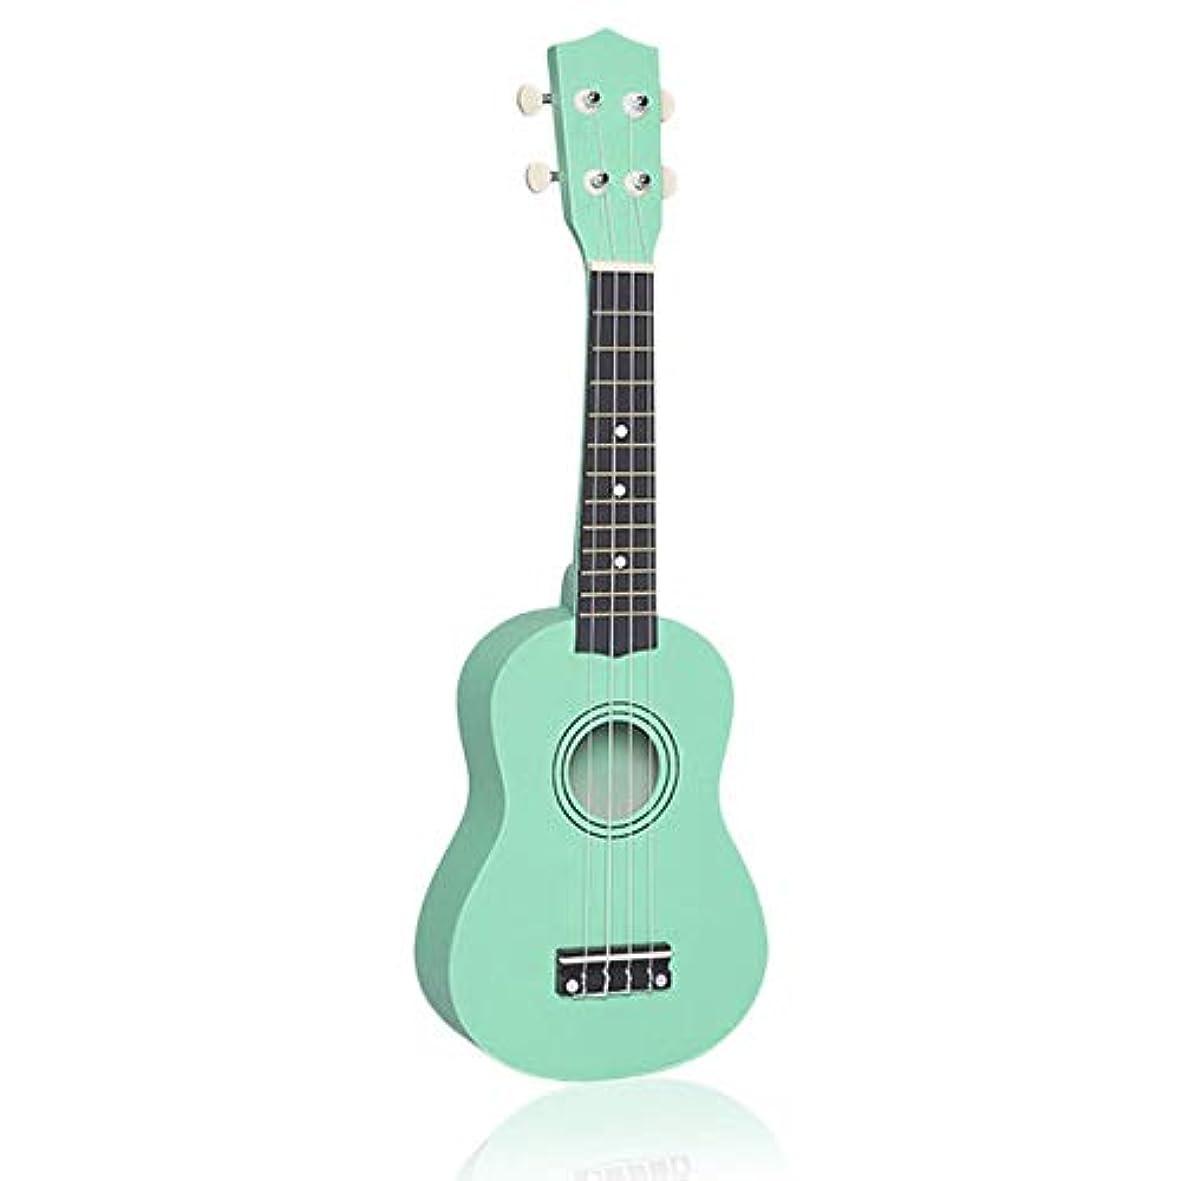 ダルセット生産性貼り直すBonni 大人および子供のための の携帯用小型の専門の普遍的な音響のウクレレの楽器